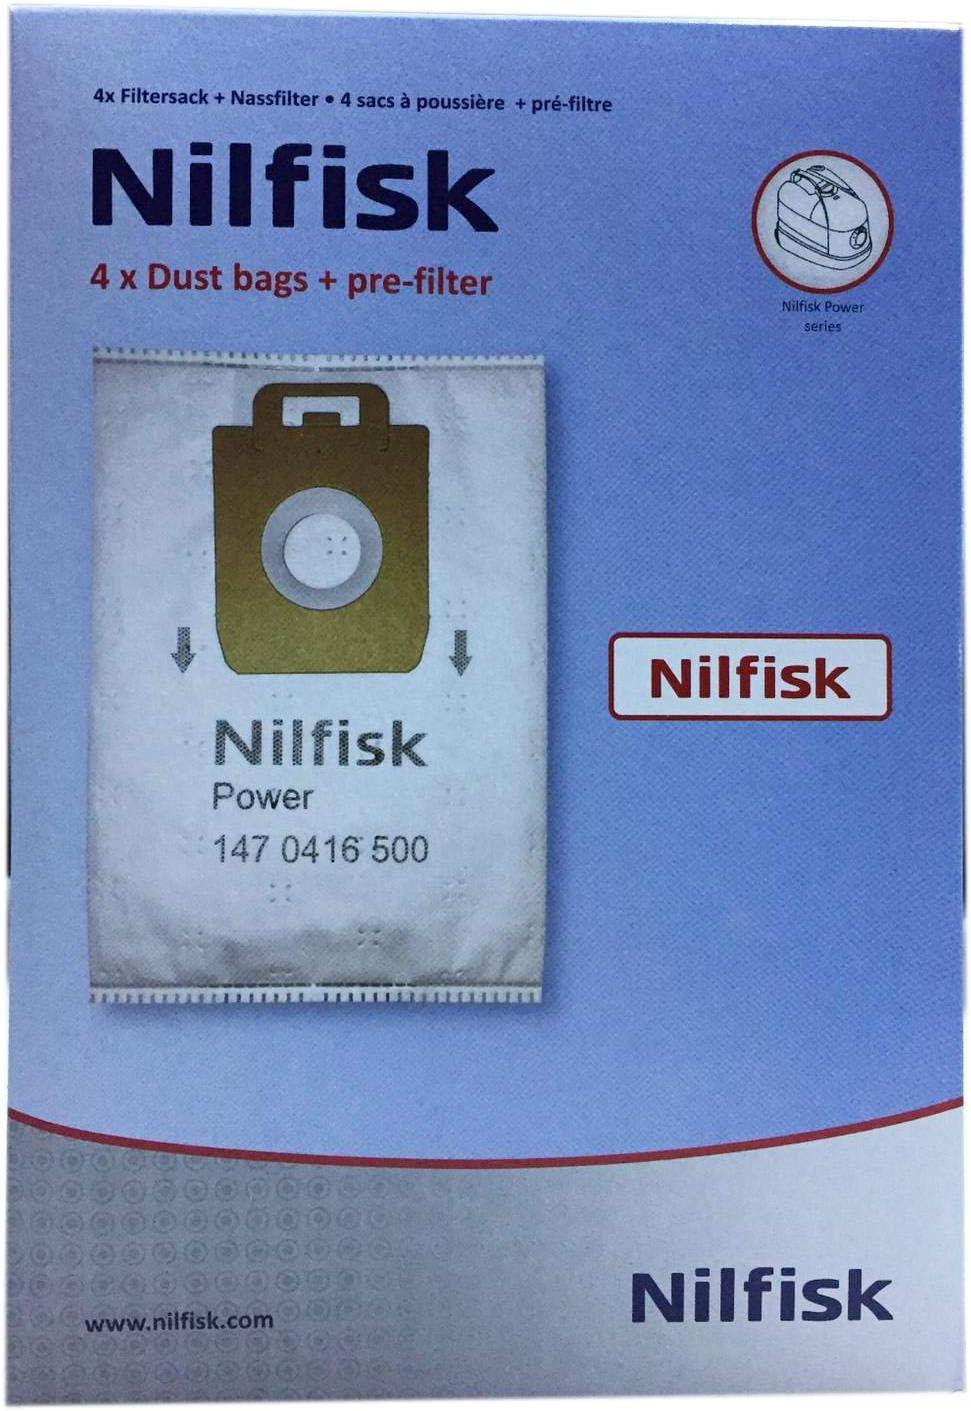 Nilfisk 107407639 accesorio y suministro de vacío Bolsa para el polvo - Accesorio para aspiradora (Bolsa para el polvo, Blanco, Nilfisk, 4 pieza(s), 1 pieza(s)): Amazon.es: Hogar